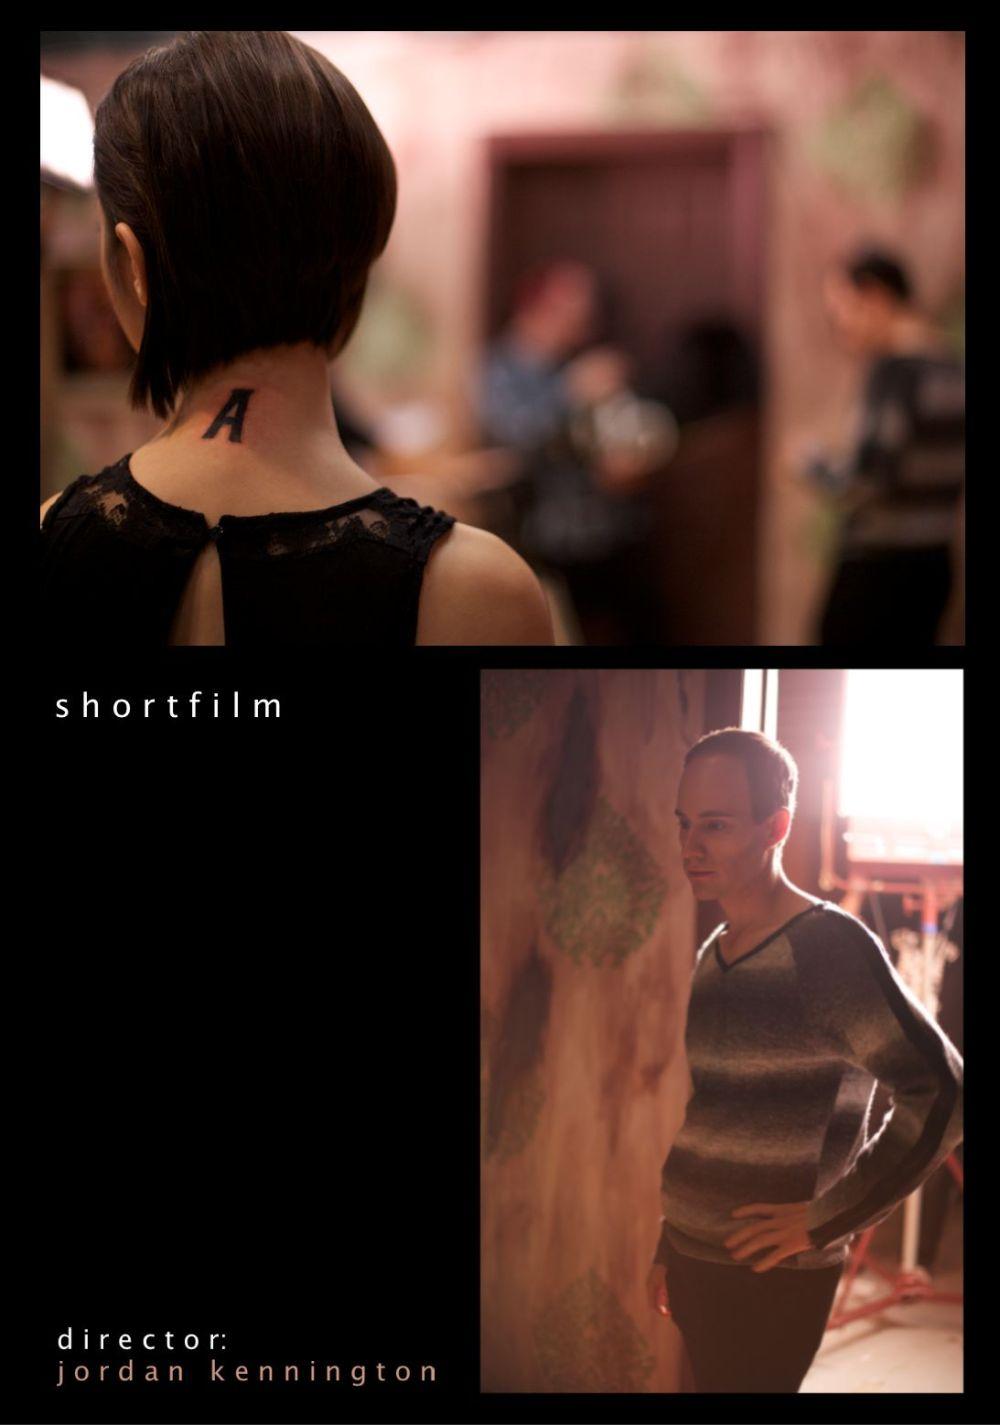 Diana Li's custom design tops for short film.